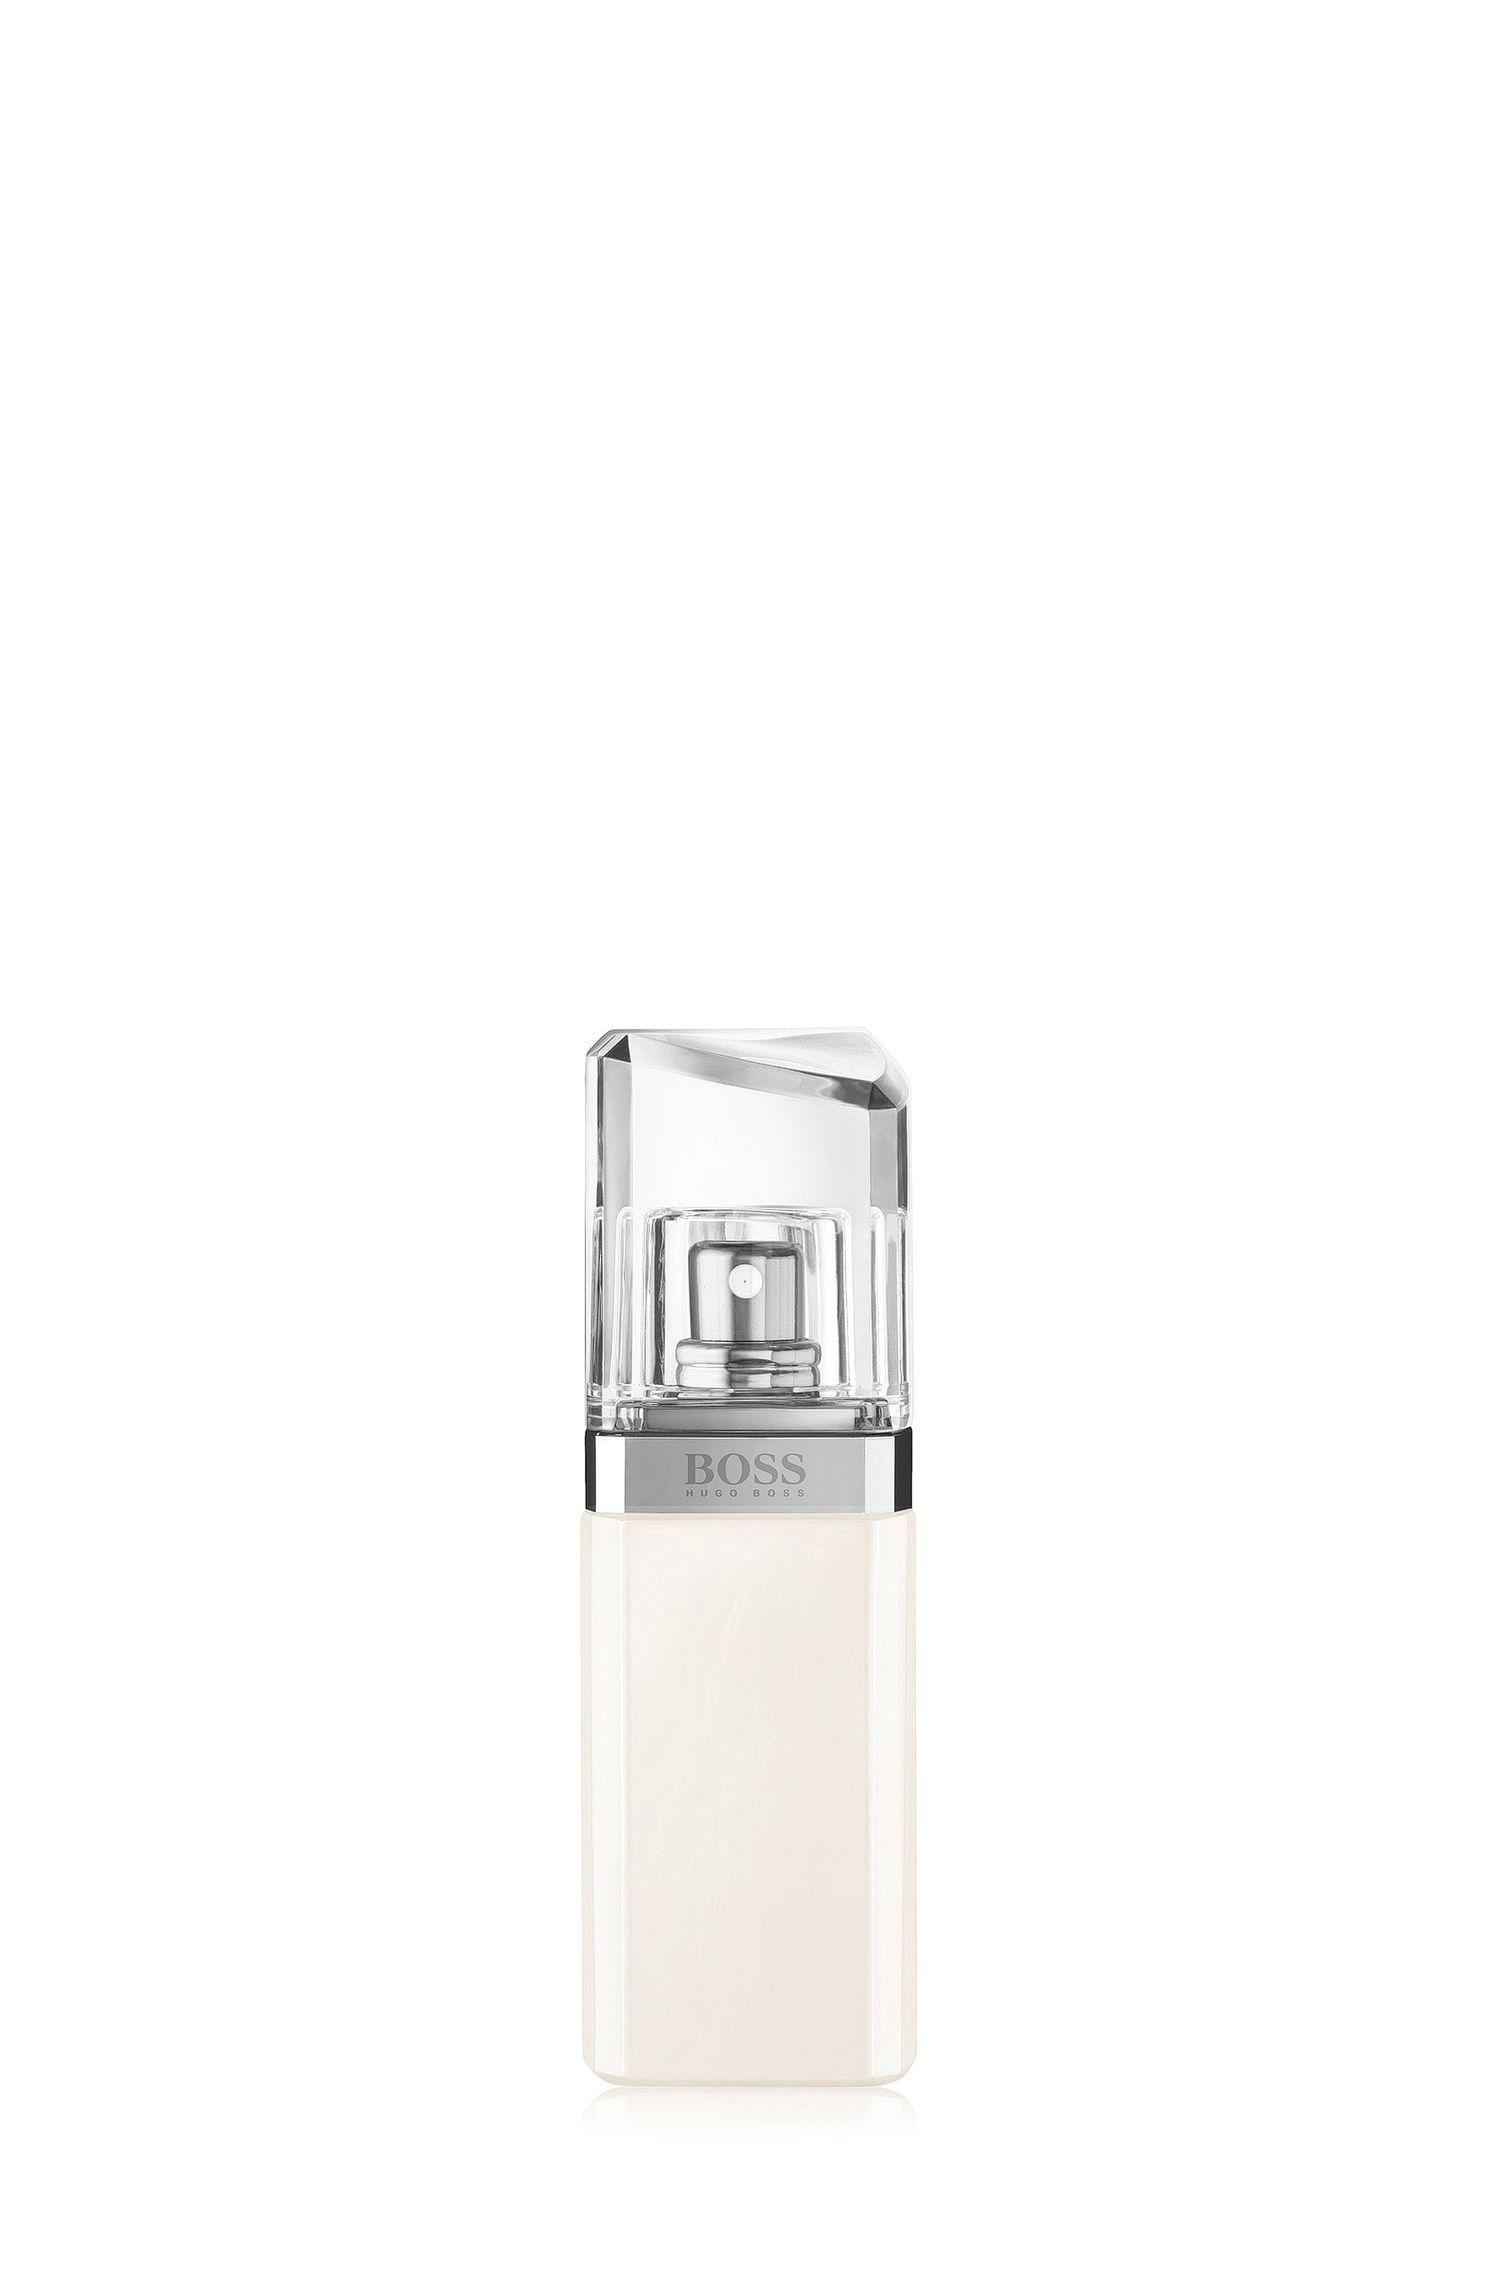 BOSS JOUR Lumineuse Eau de Parfum 30 ml